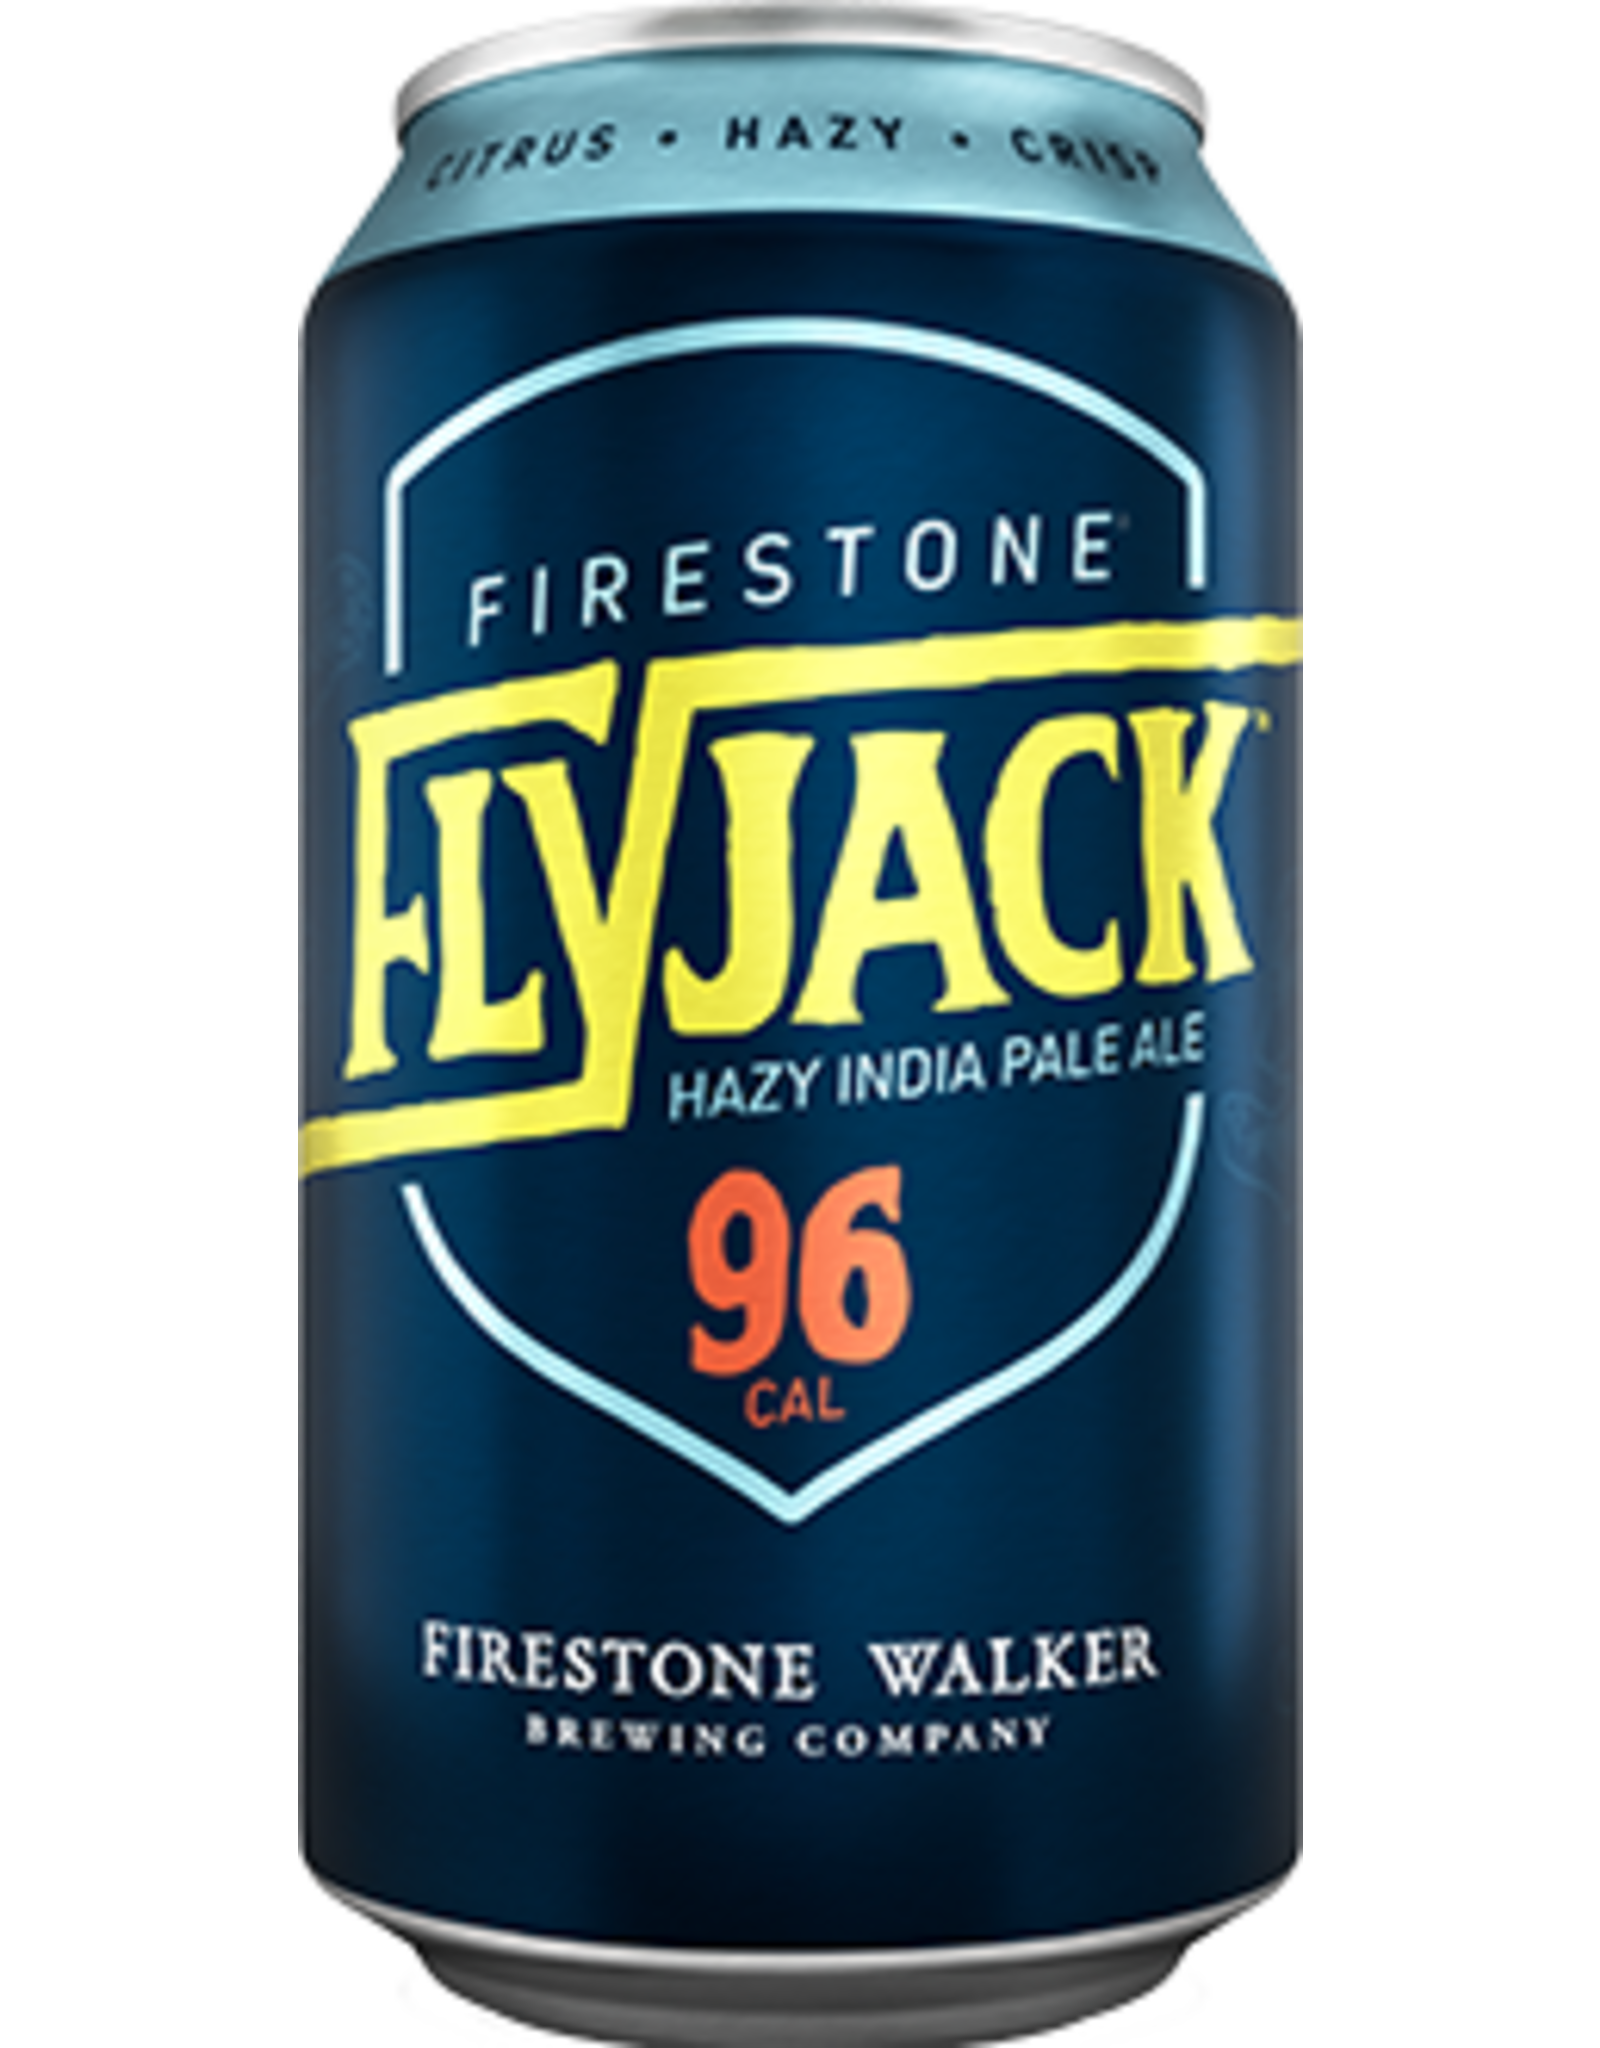 Firestone Walker Firestone Walker Flyjack 6pk